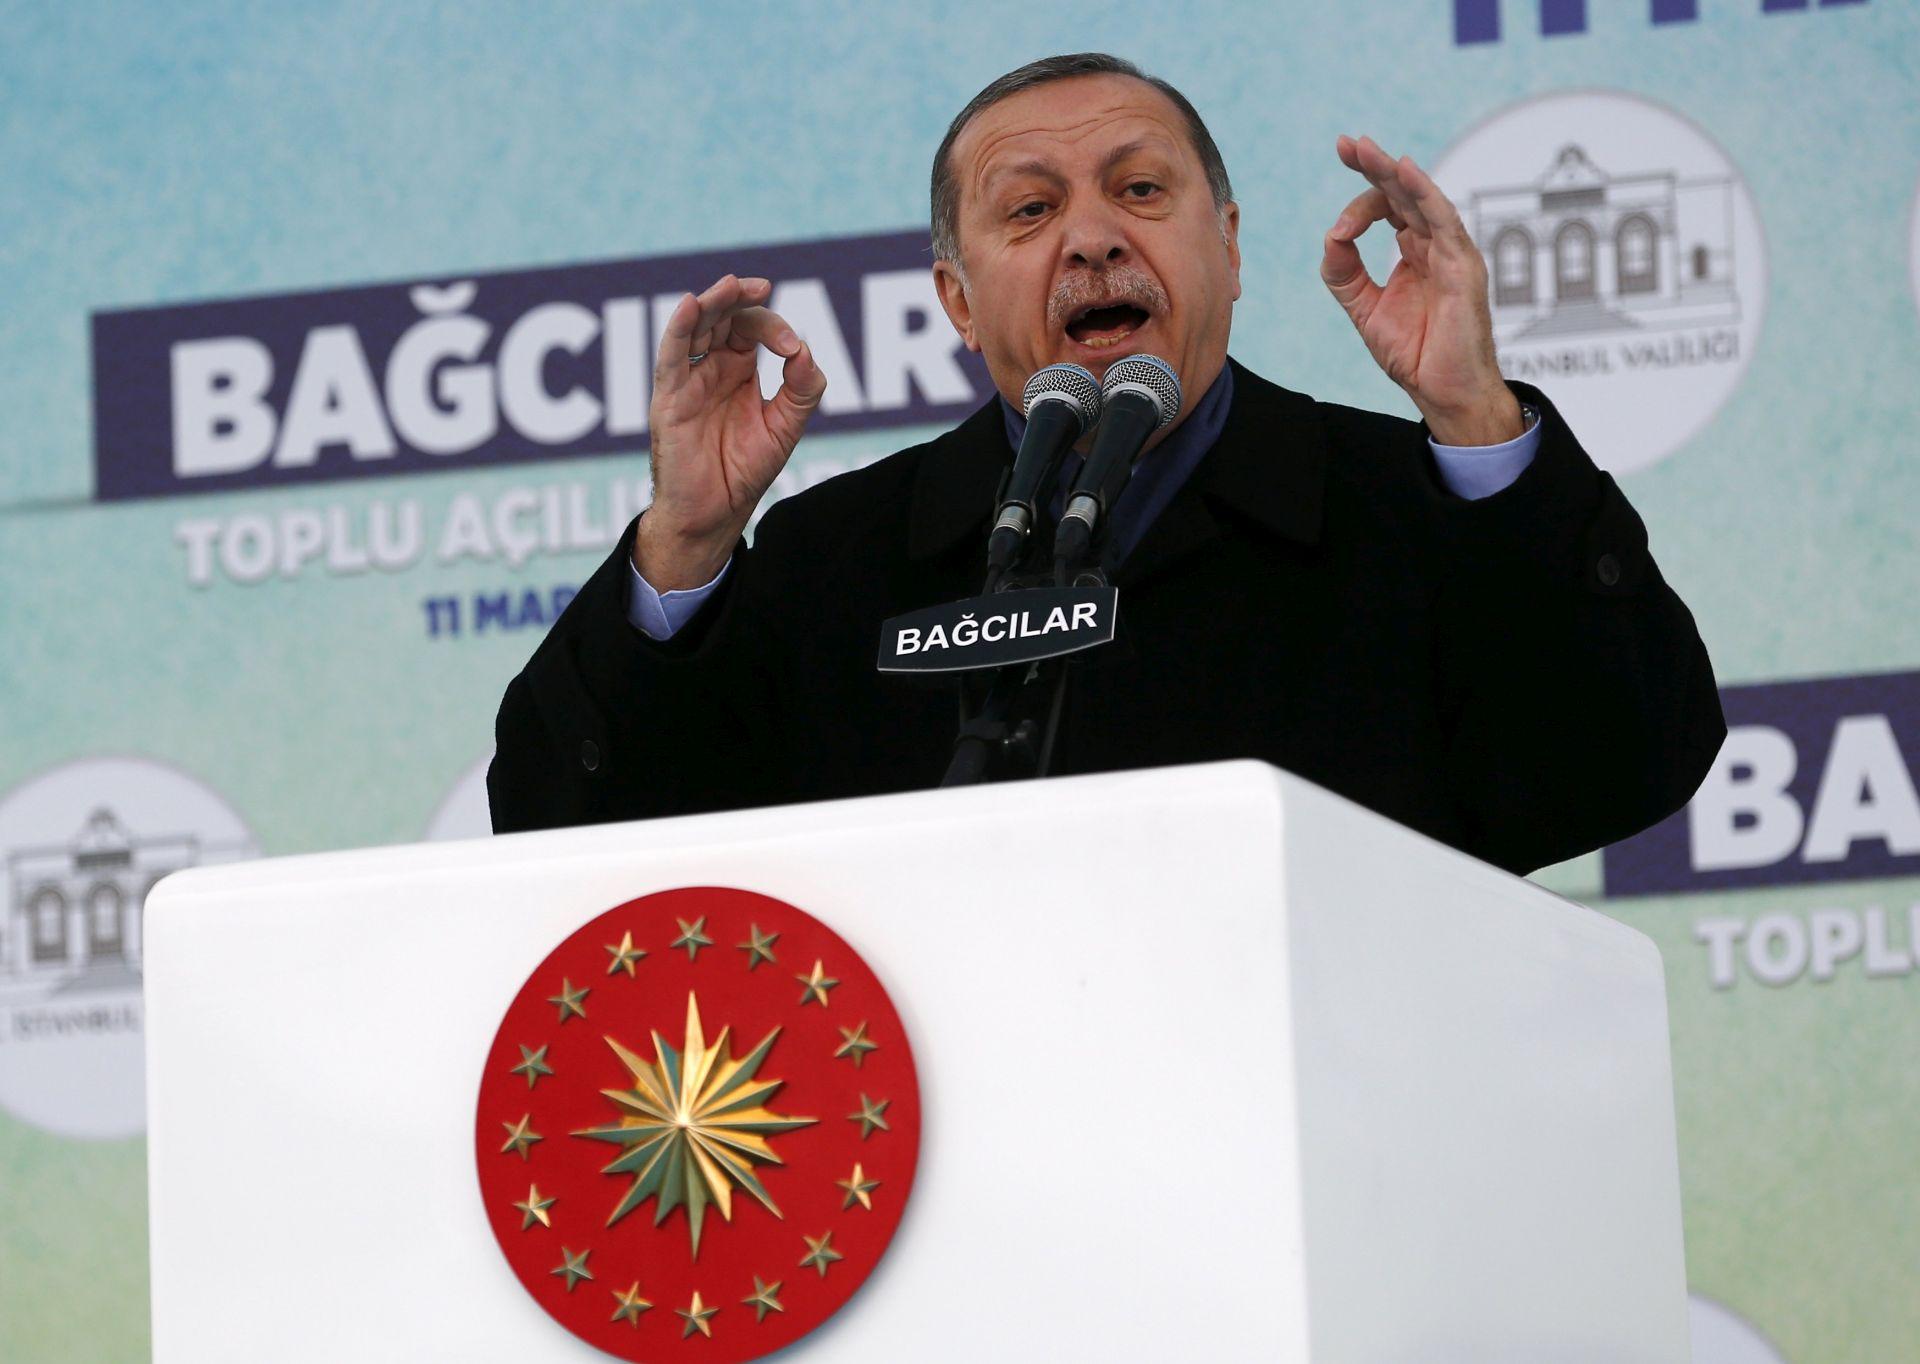 EU traži objašnjenje zbog Erdoganovih prijetnji